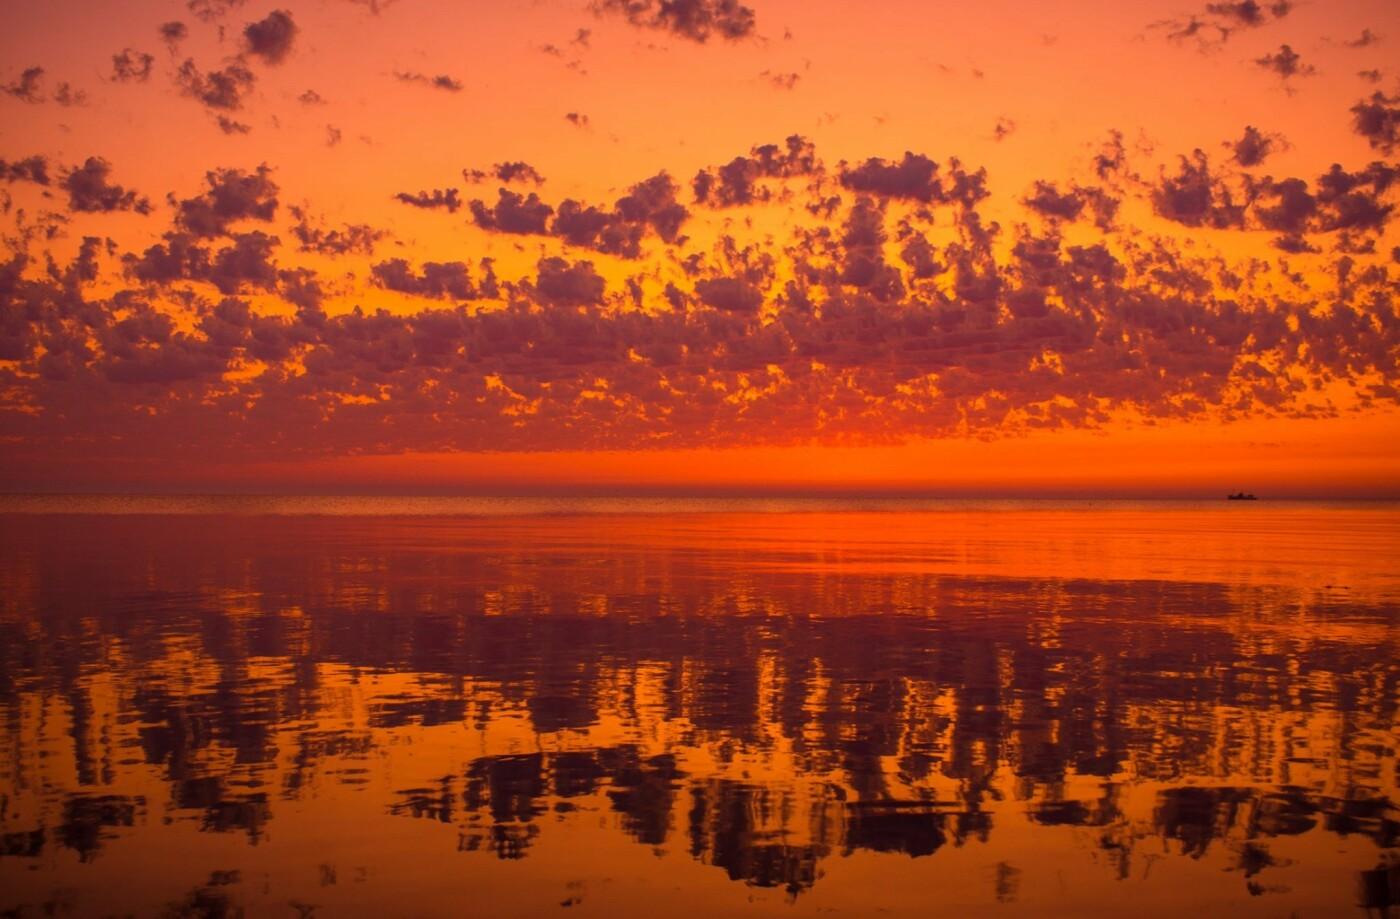 Мудрость от 06153: где красивые закаты, там лучший отдых - ВИДЕО, ФОТО, фото-12, Юлия Покас